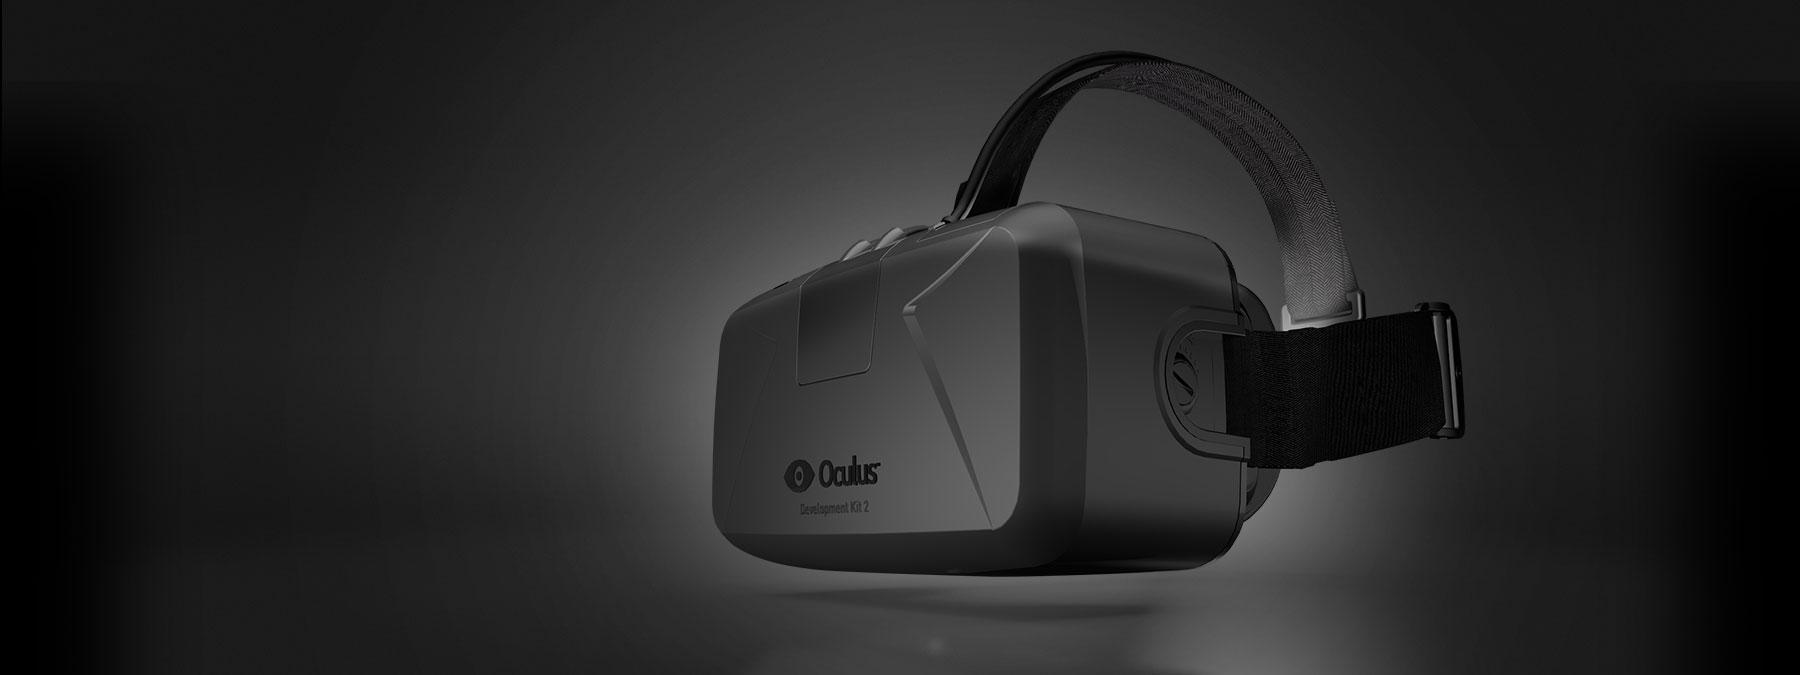 體驗虛擬實境